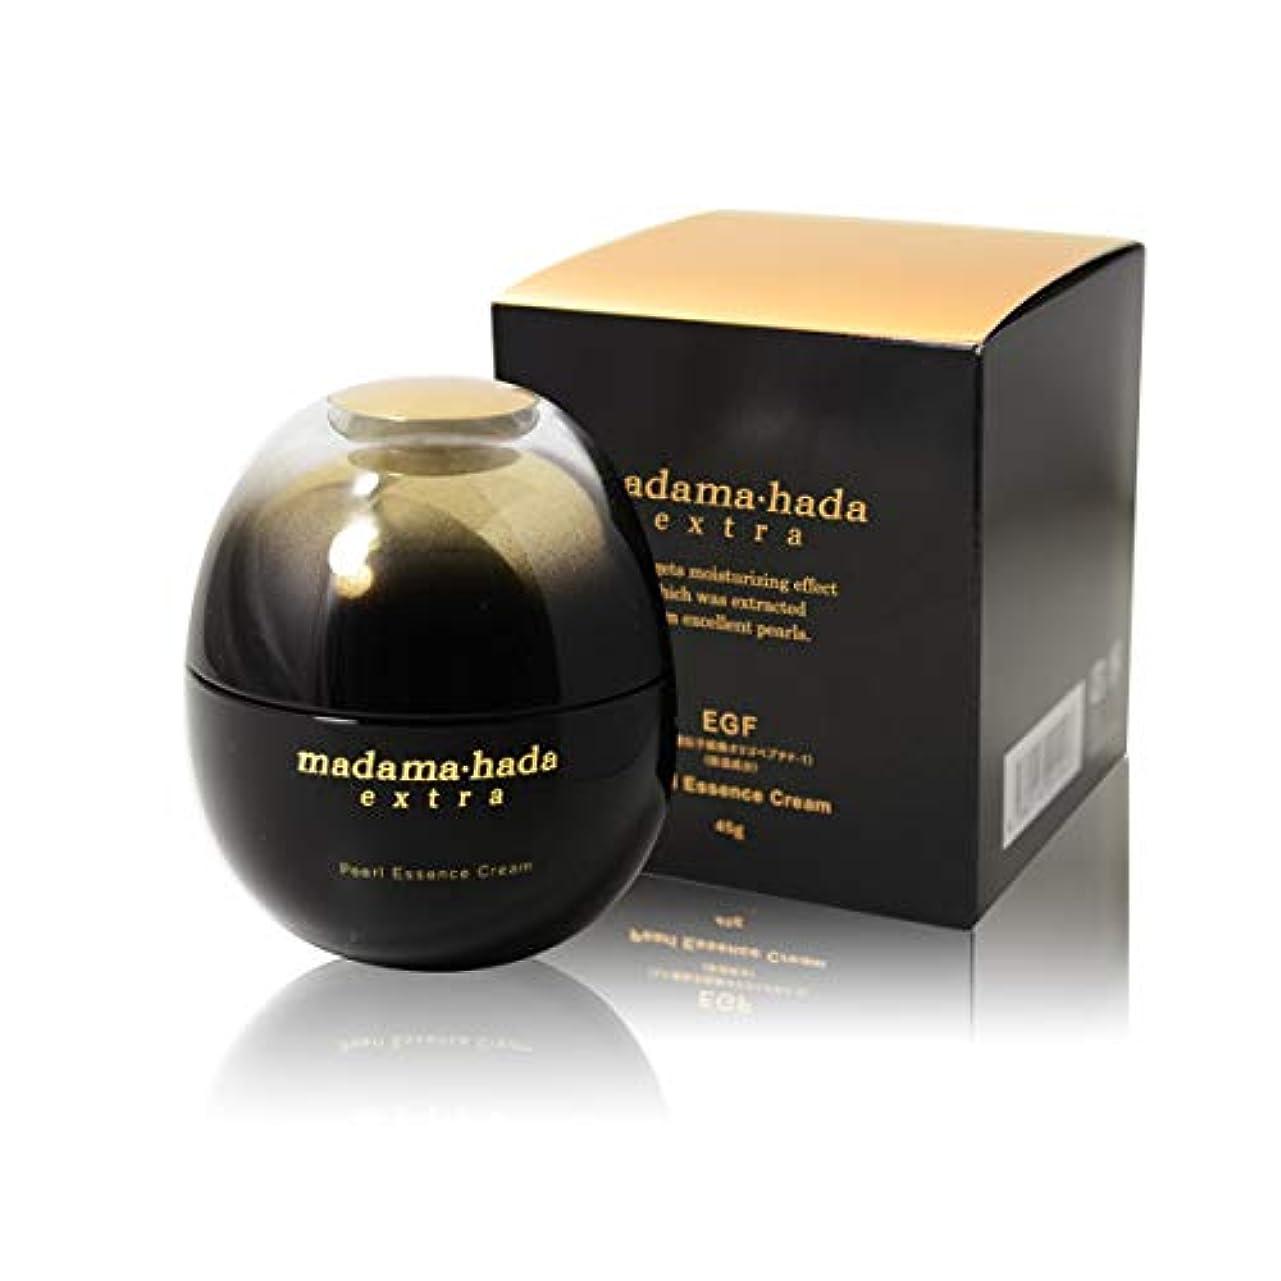 シャンパン条約バルーン真珠肌 エクストラシリーズ パール美容クリーム 45g クリーム 保湿 エイジングケア 化粧品